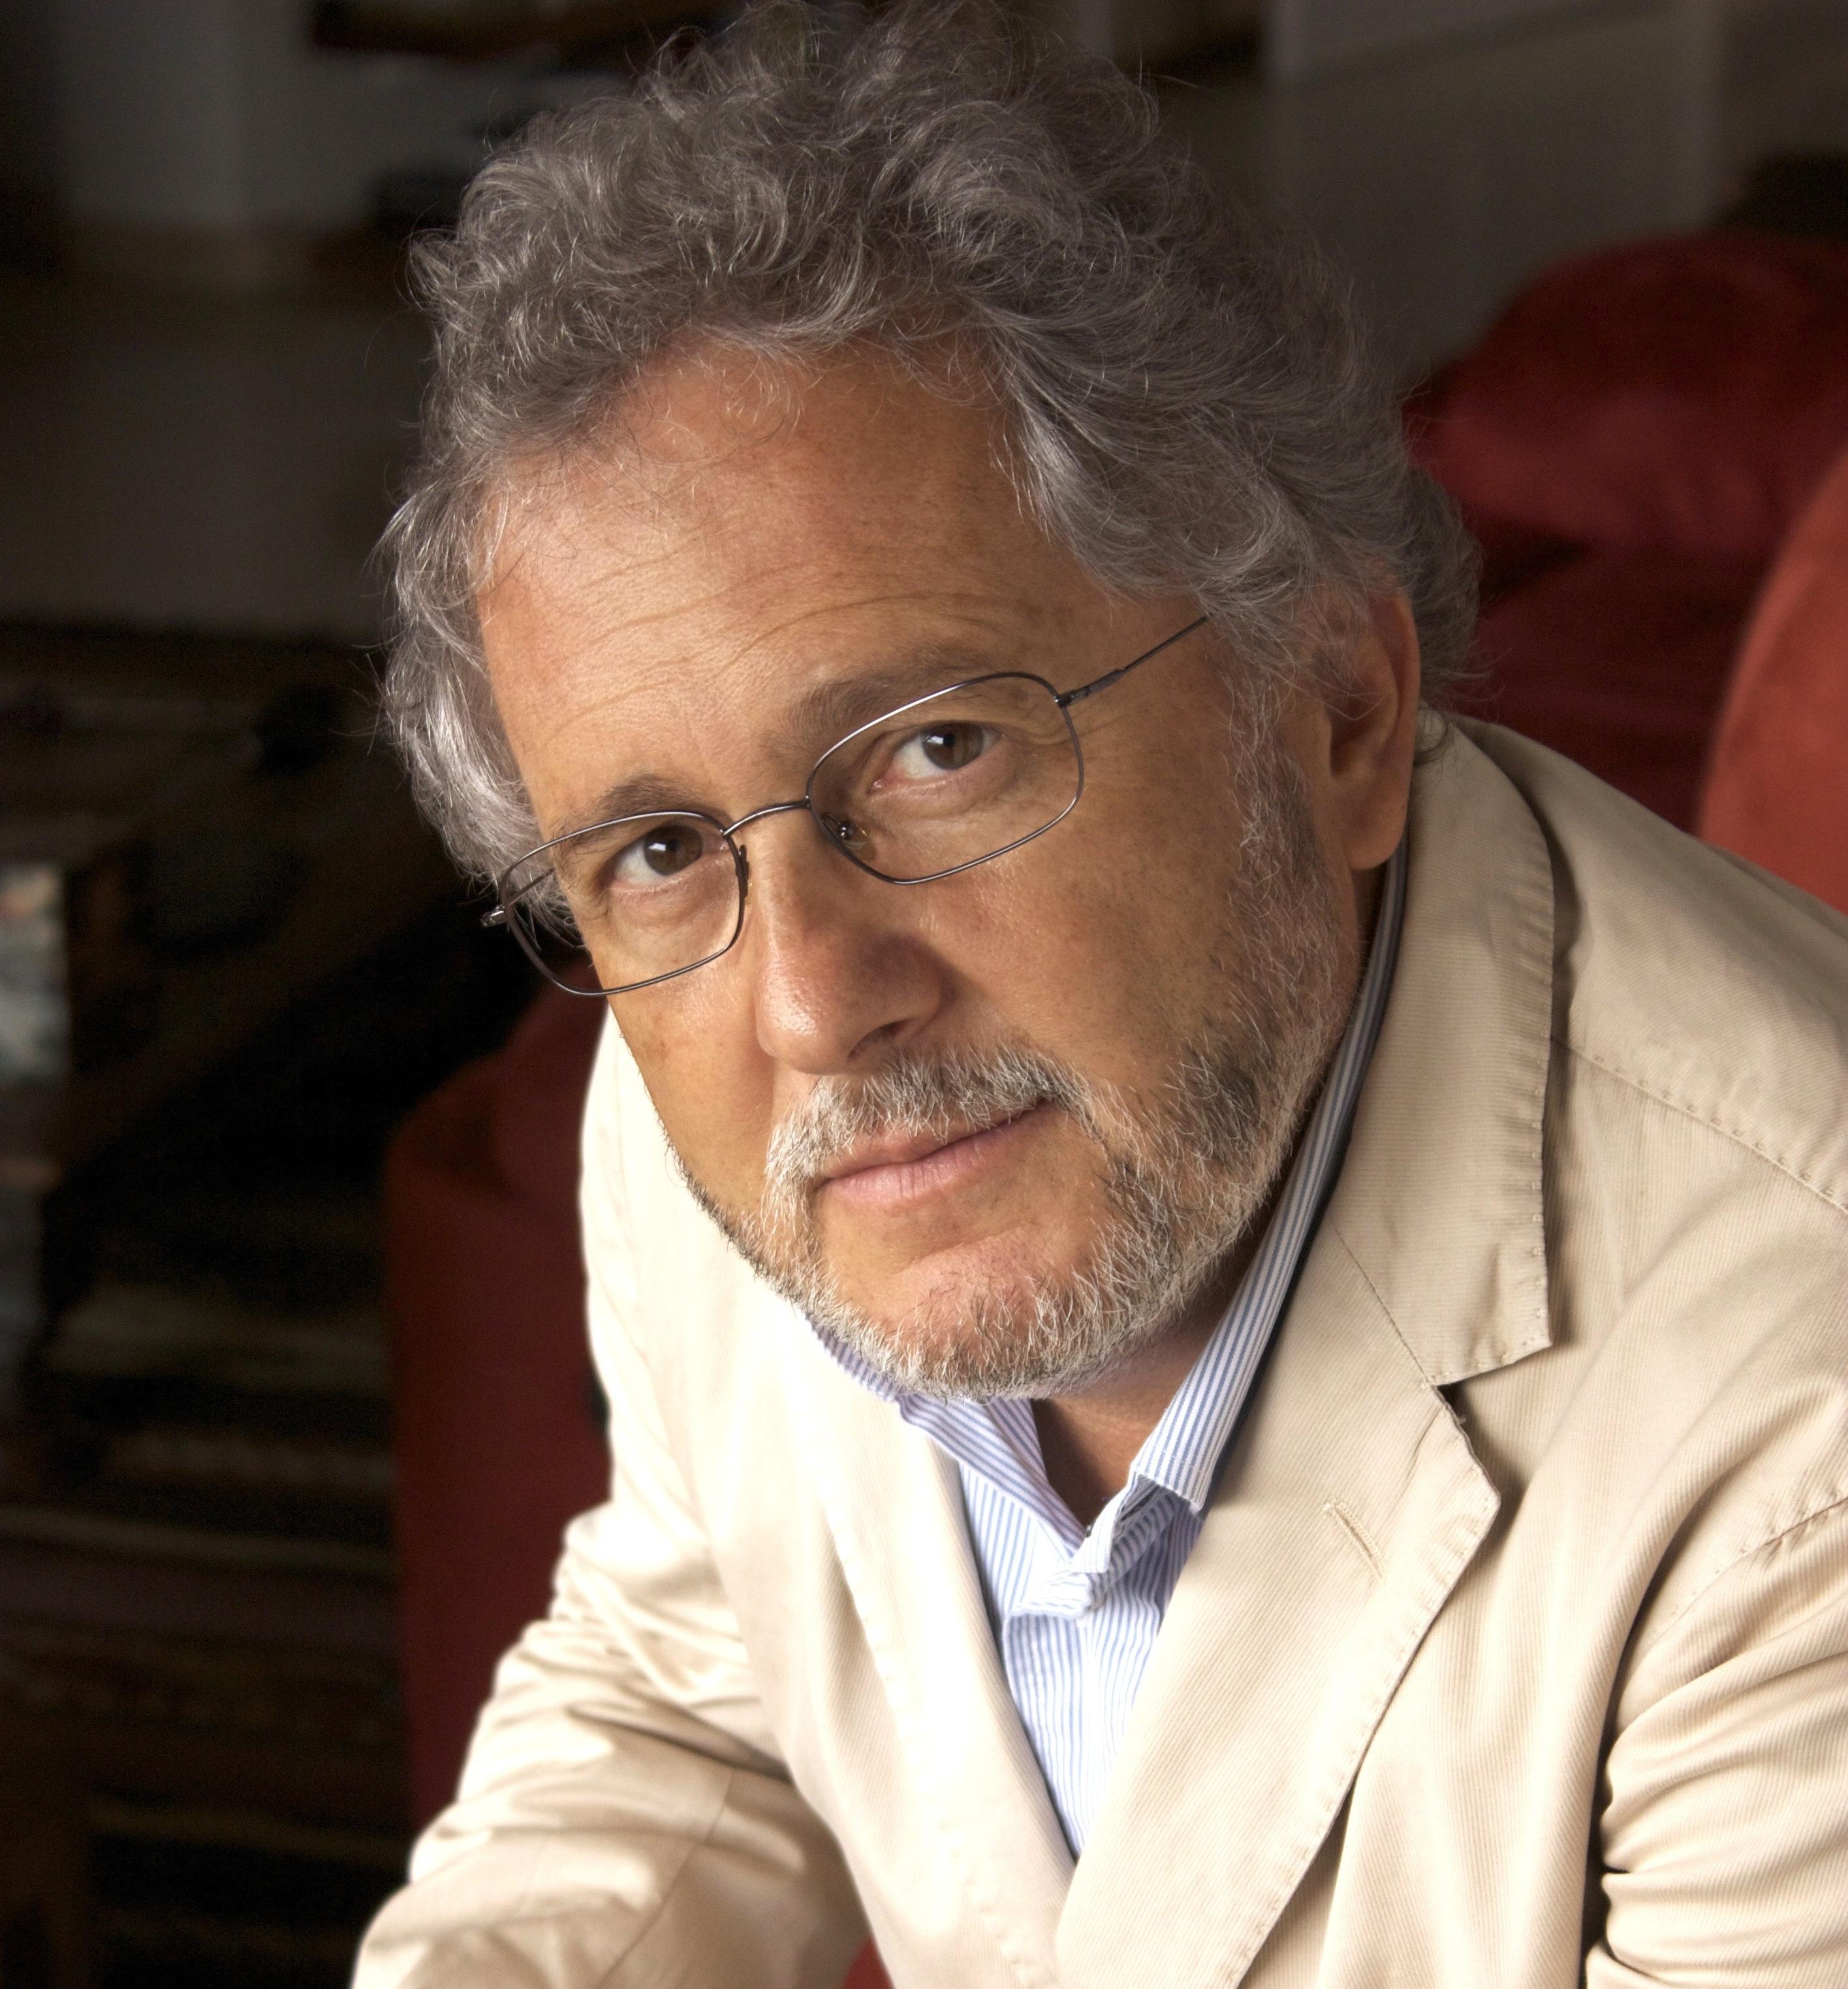 Héctor Abad Faciolince (fotografía tomada de www.hectorabad.com)